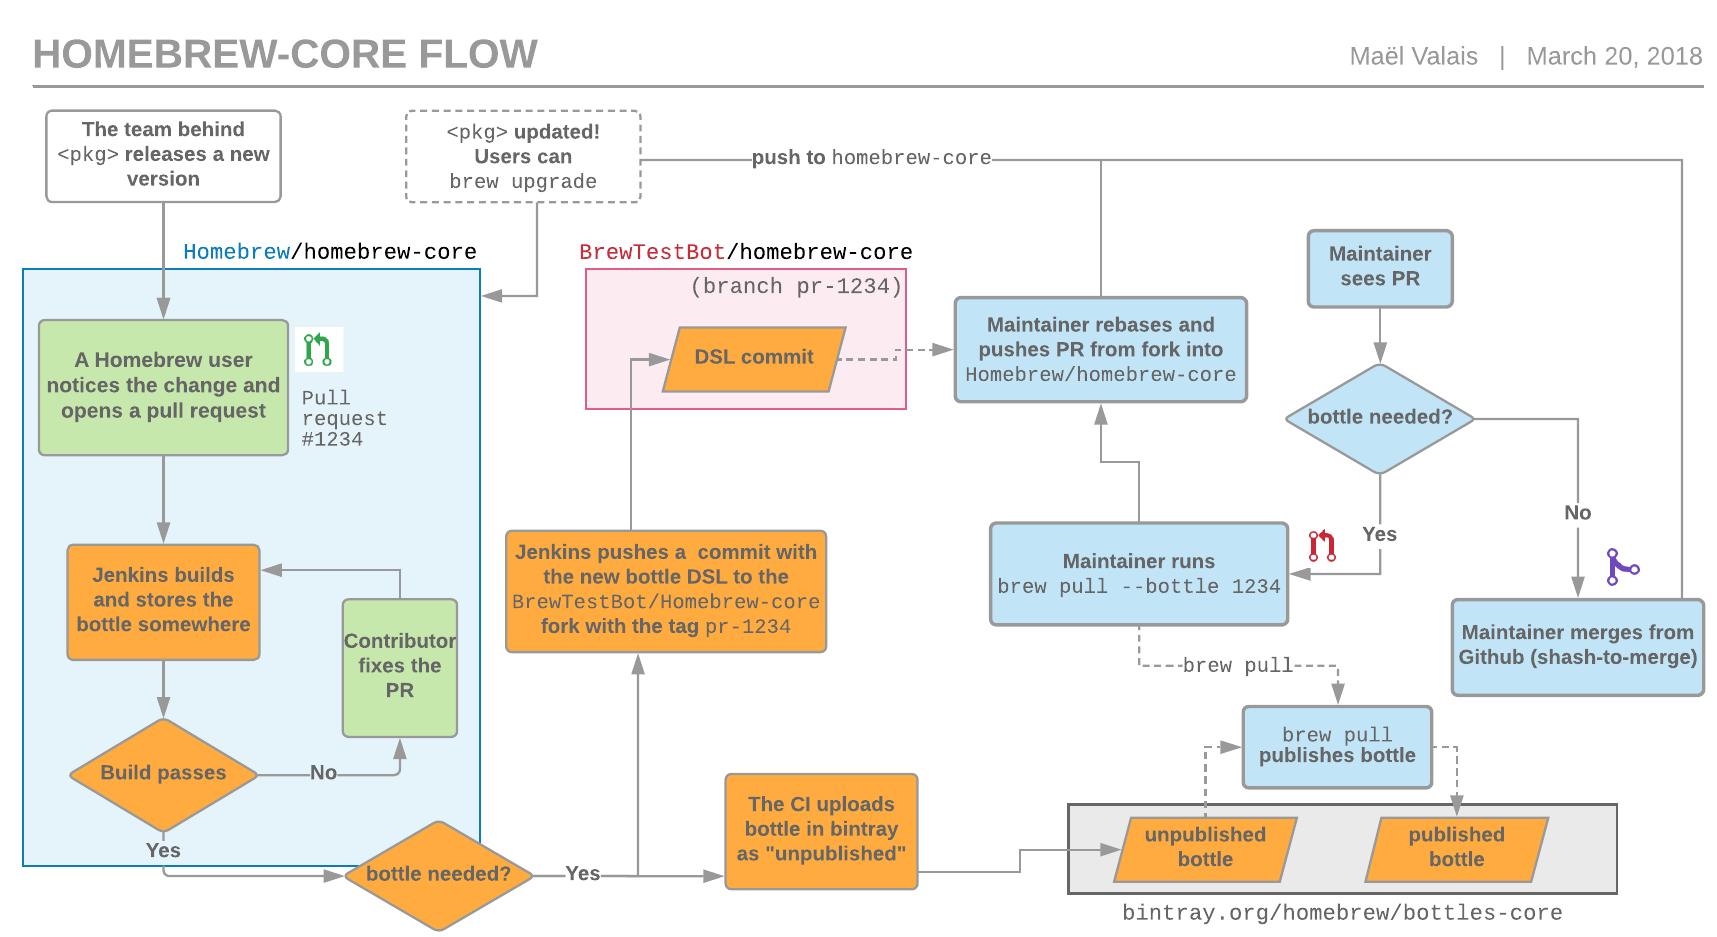 homebrew-core workflow